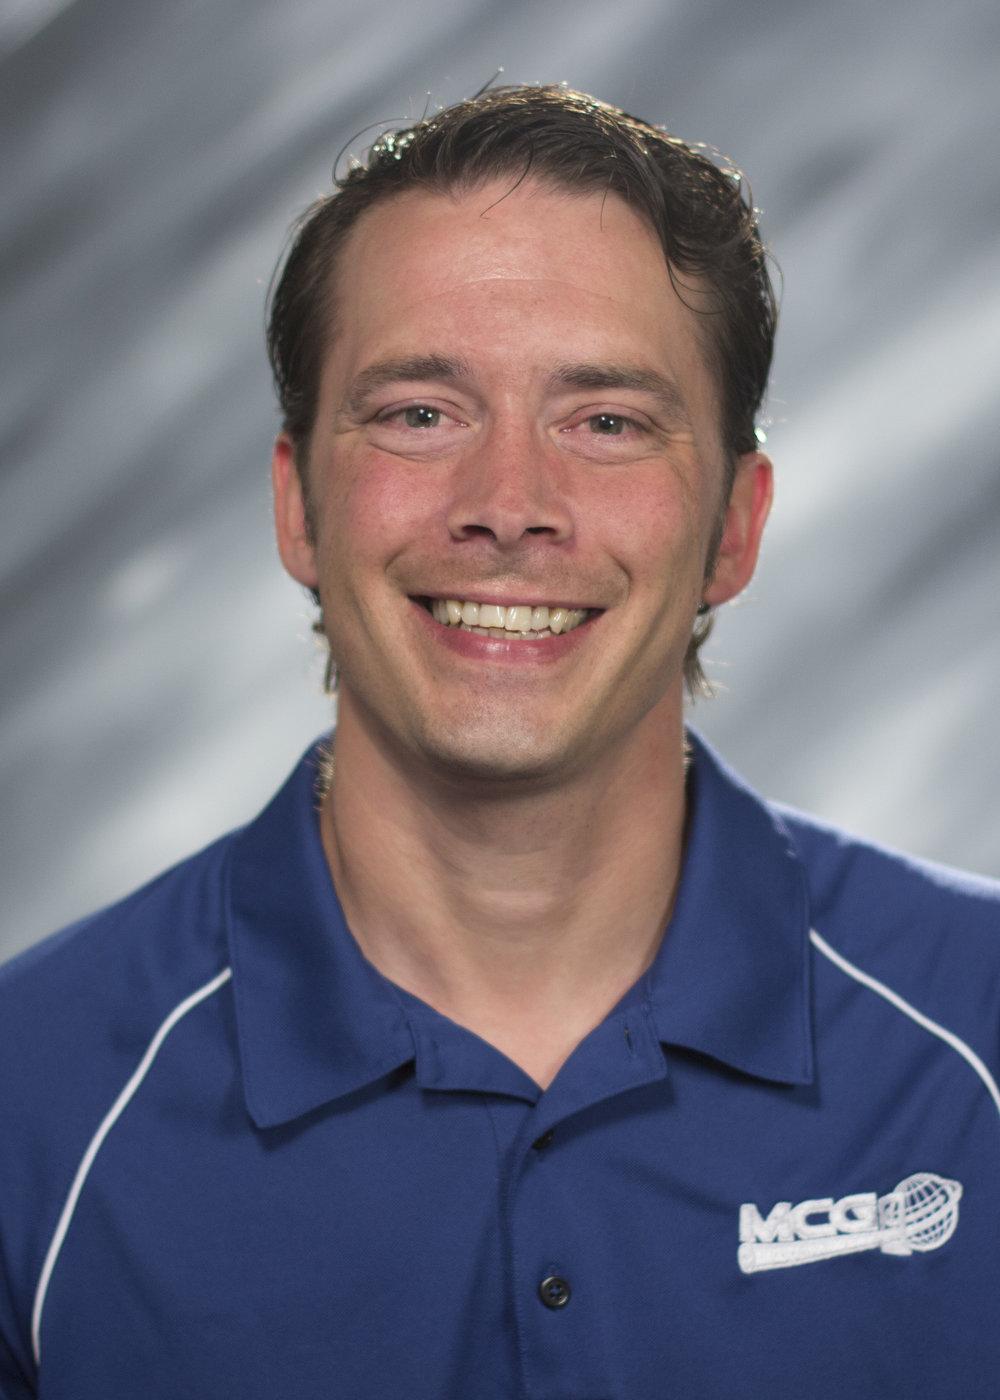 Matt Tippett, Telecom Support Manager